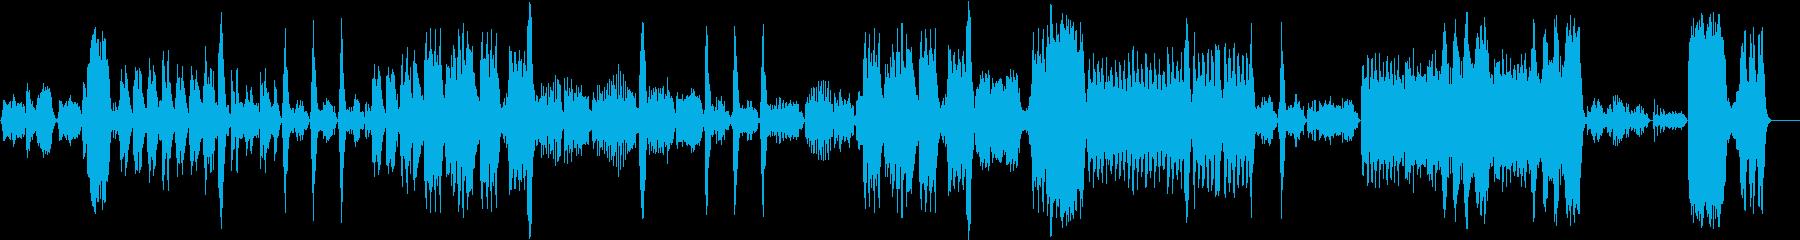 ジョアキーノ・ロッシーニのカバーの再生済みの波形